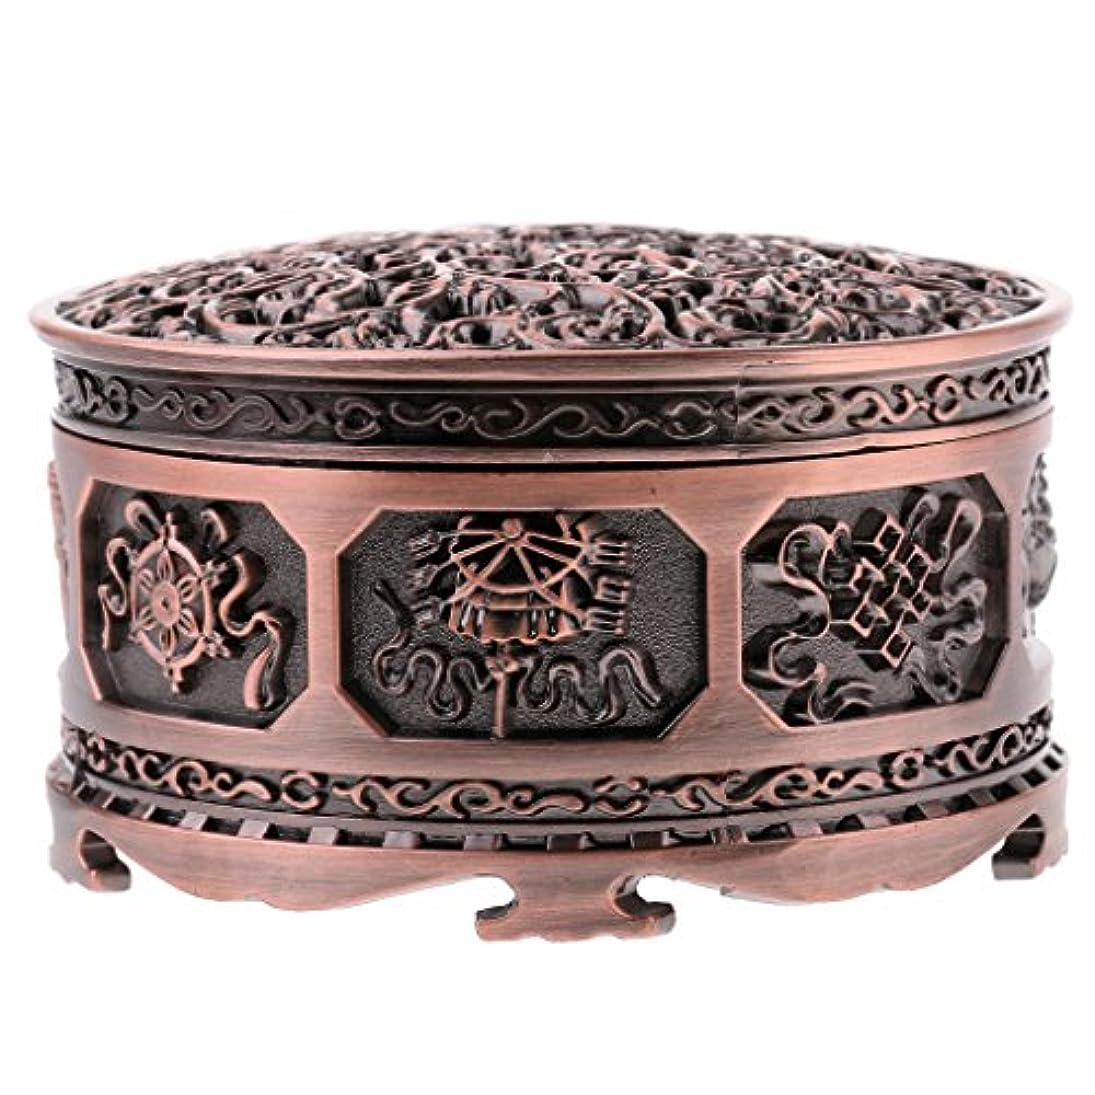 カウンタカレッジ余裕があるミニ チベット 香炉 香りバーナー 金属 工芸品 家 装飾 全3色 - 浓いかっしょく